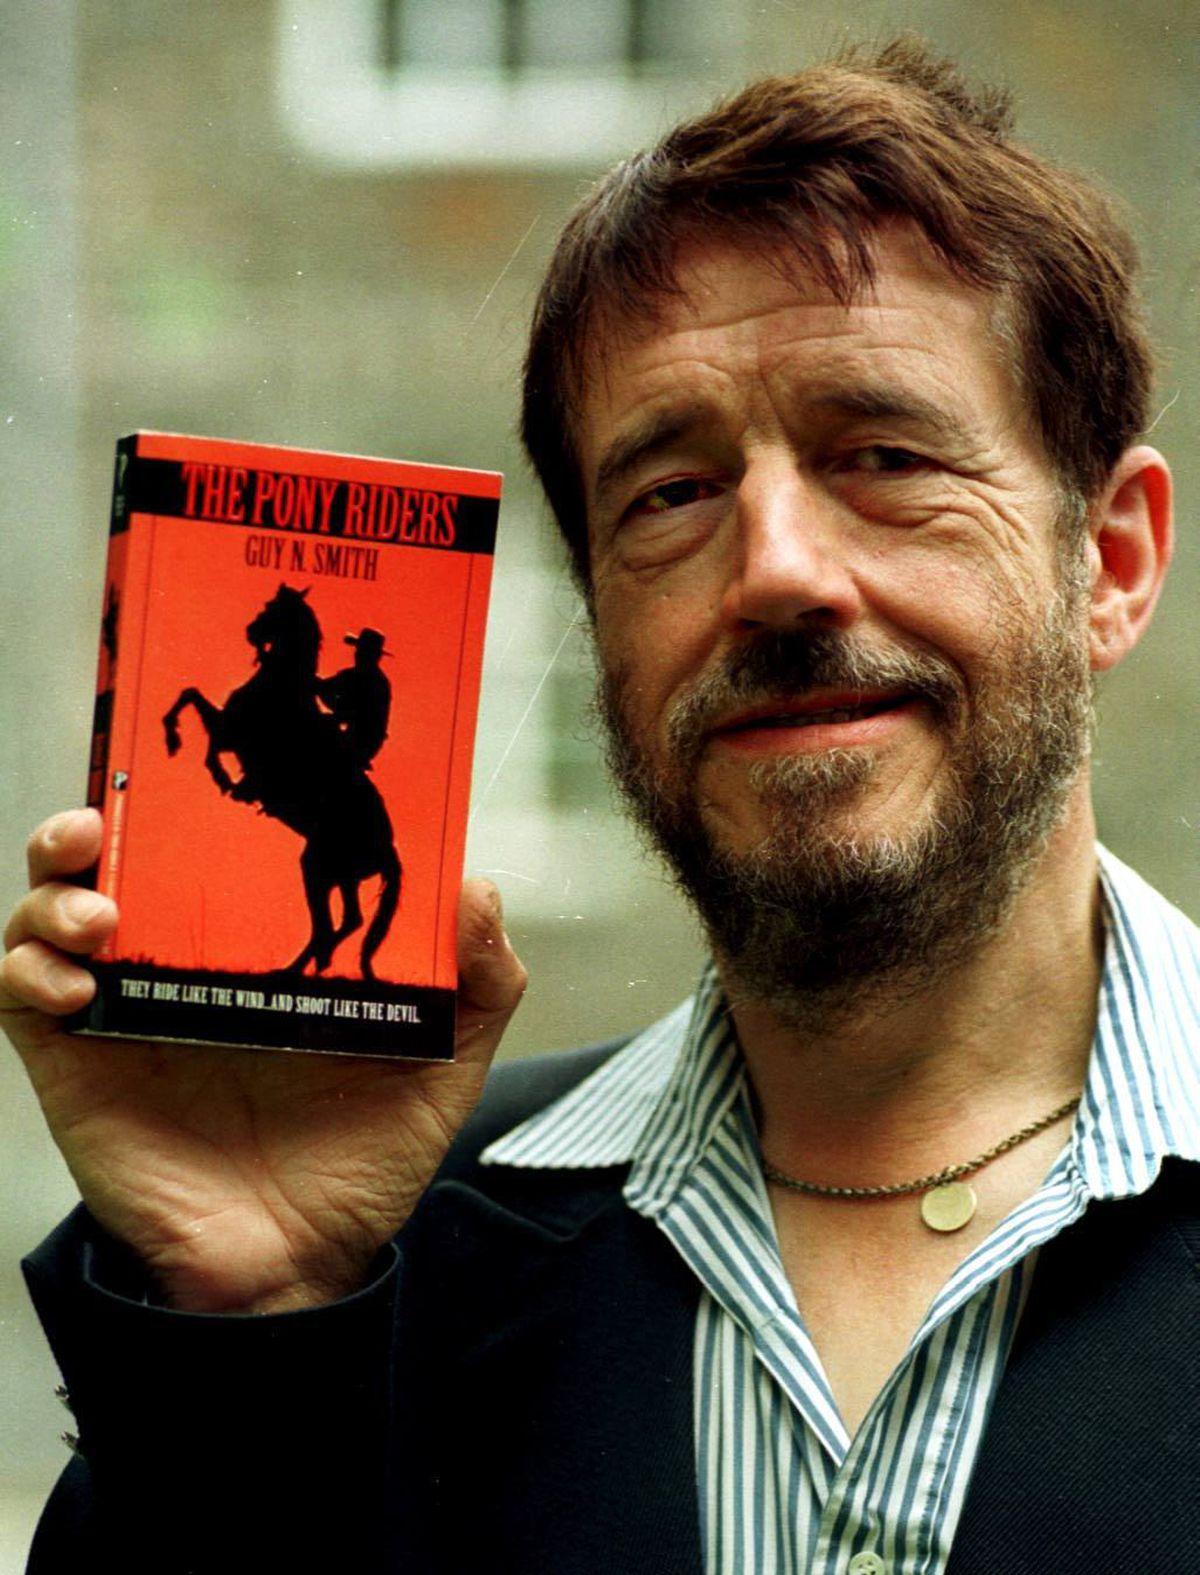 Guy N Smith in 1998